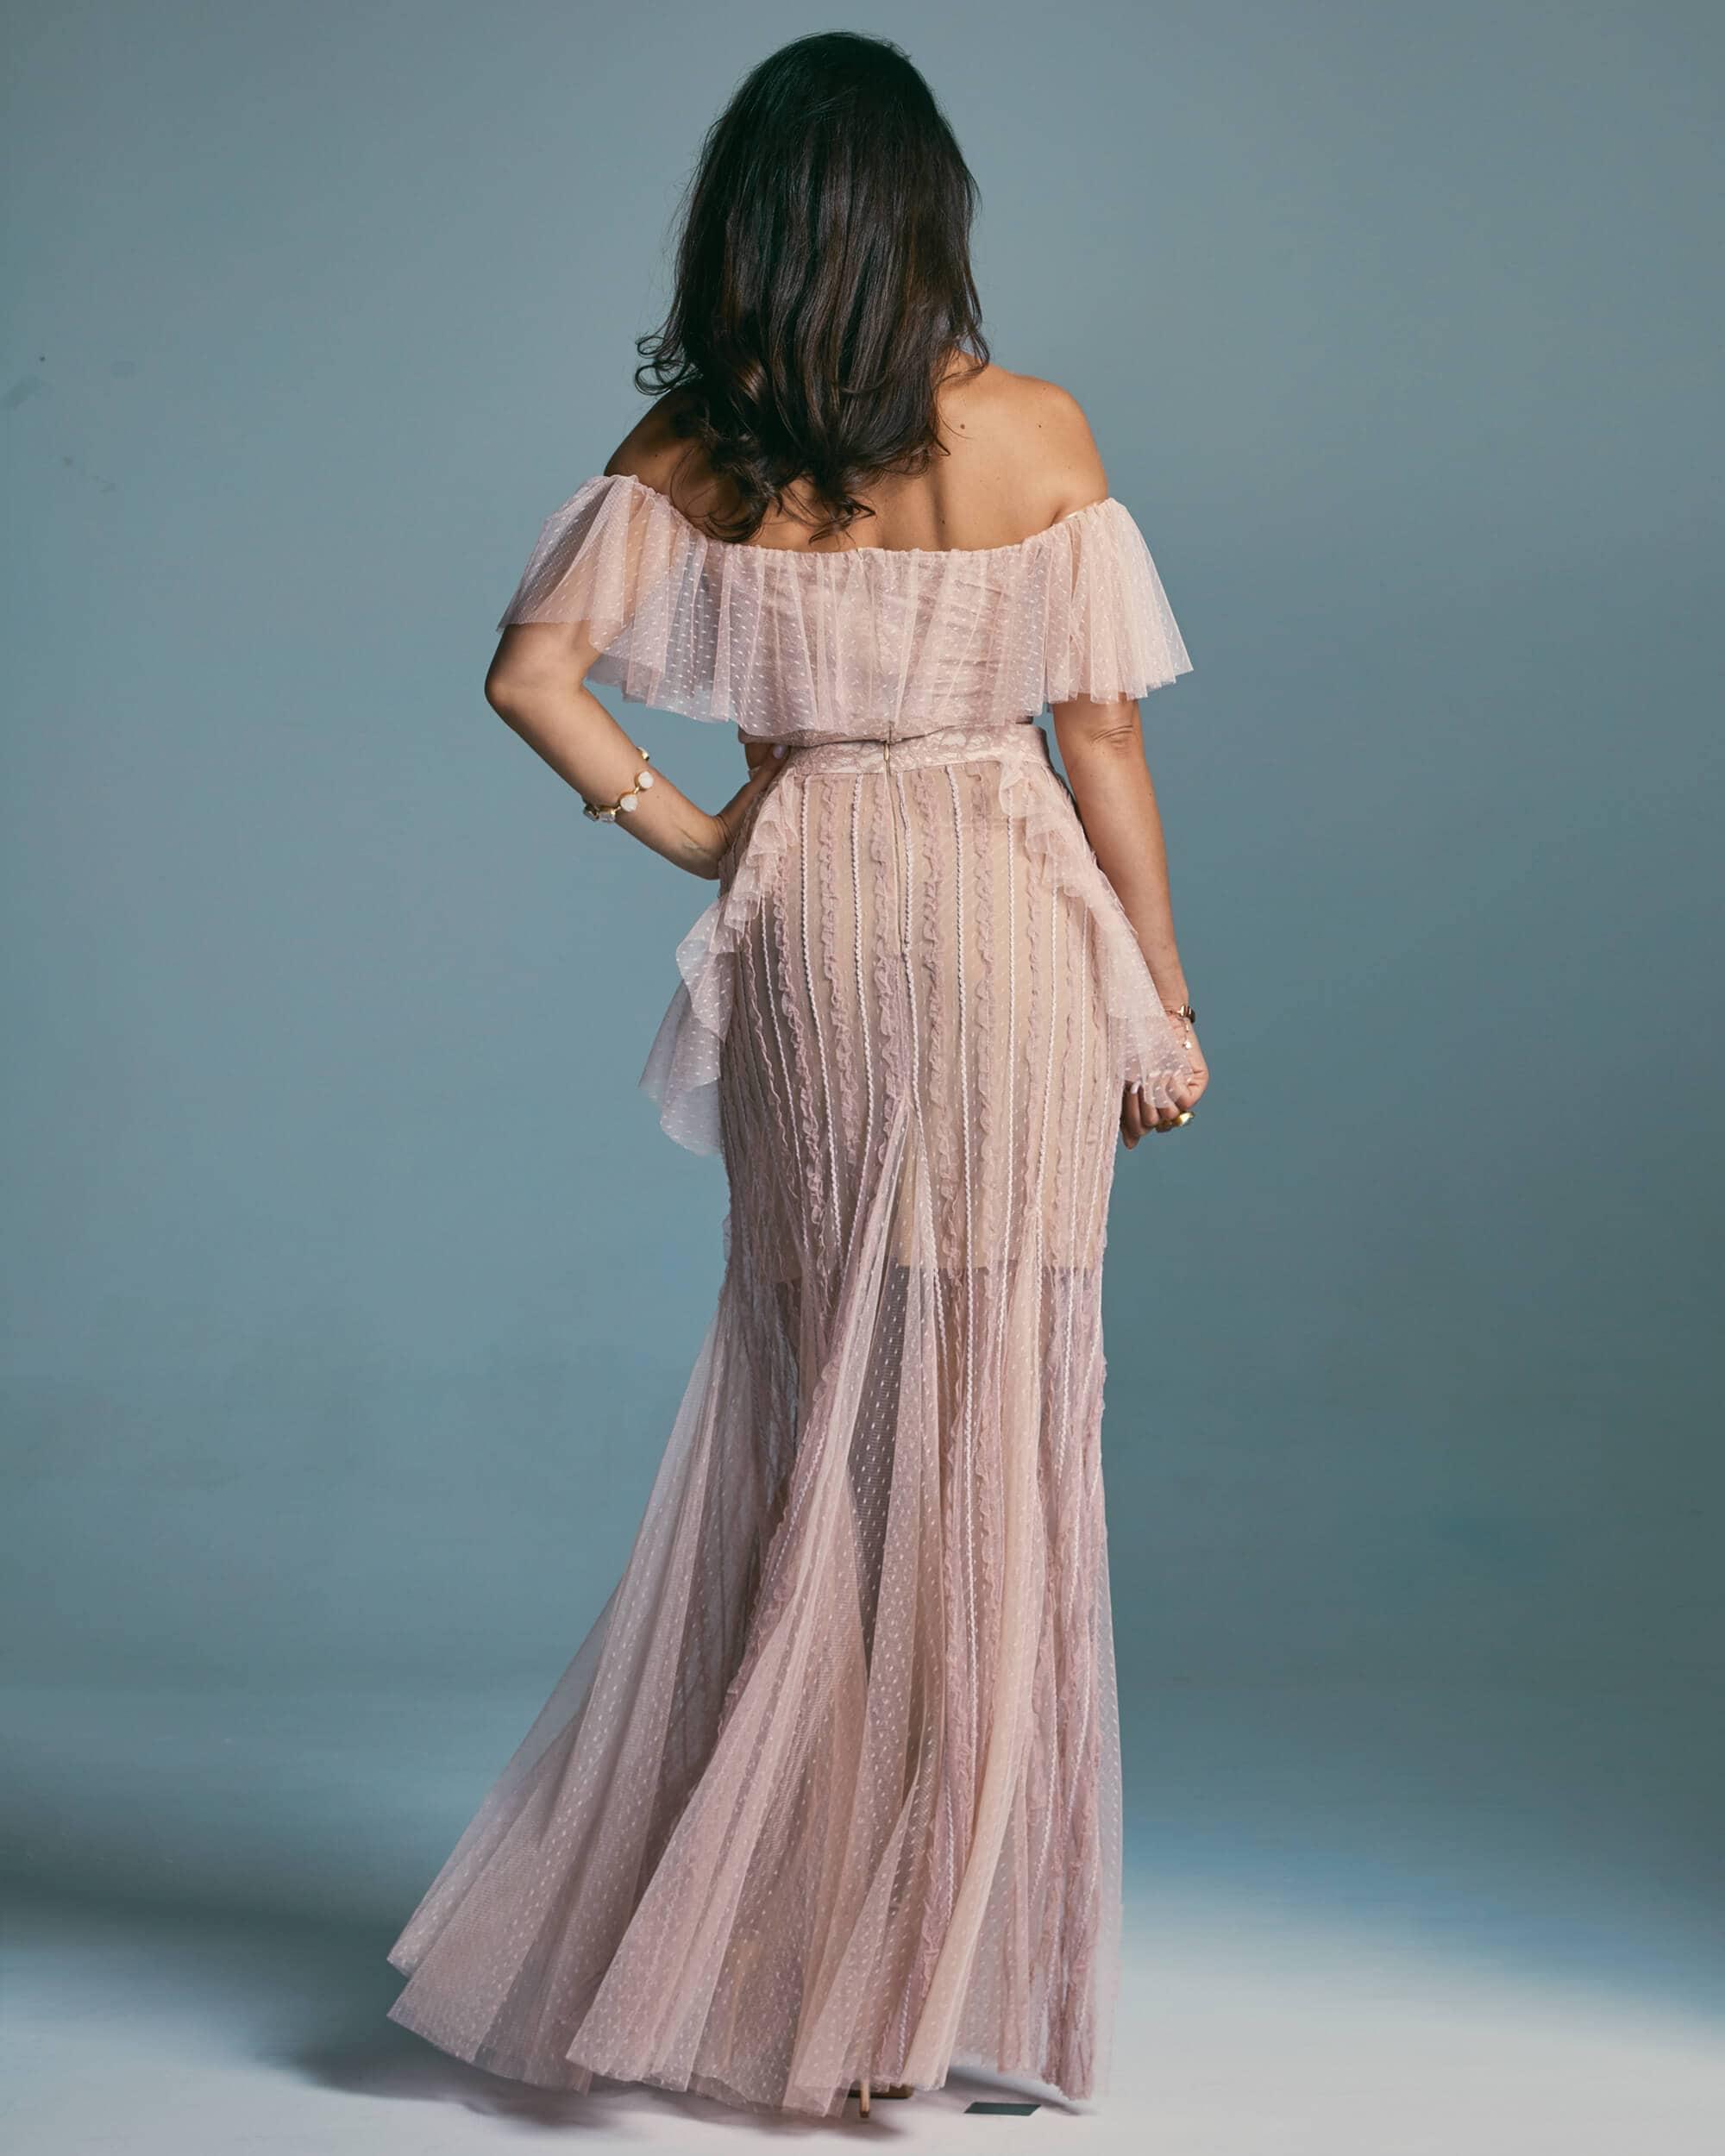 Suknia ślubna wydłużająca nogi ze zdobionym zakończeniem dekoltu - Venezia 6